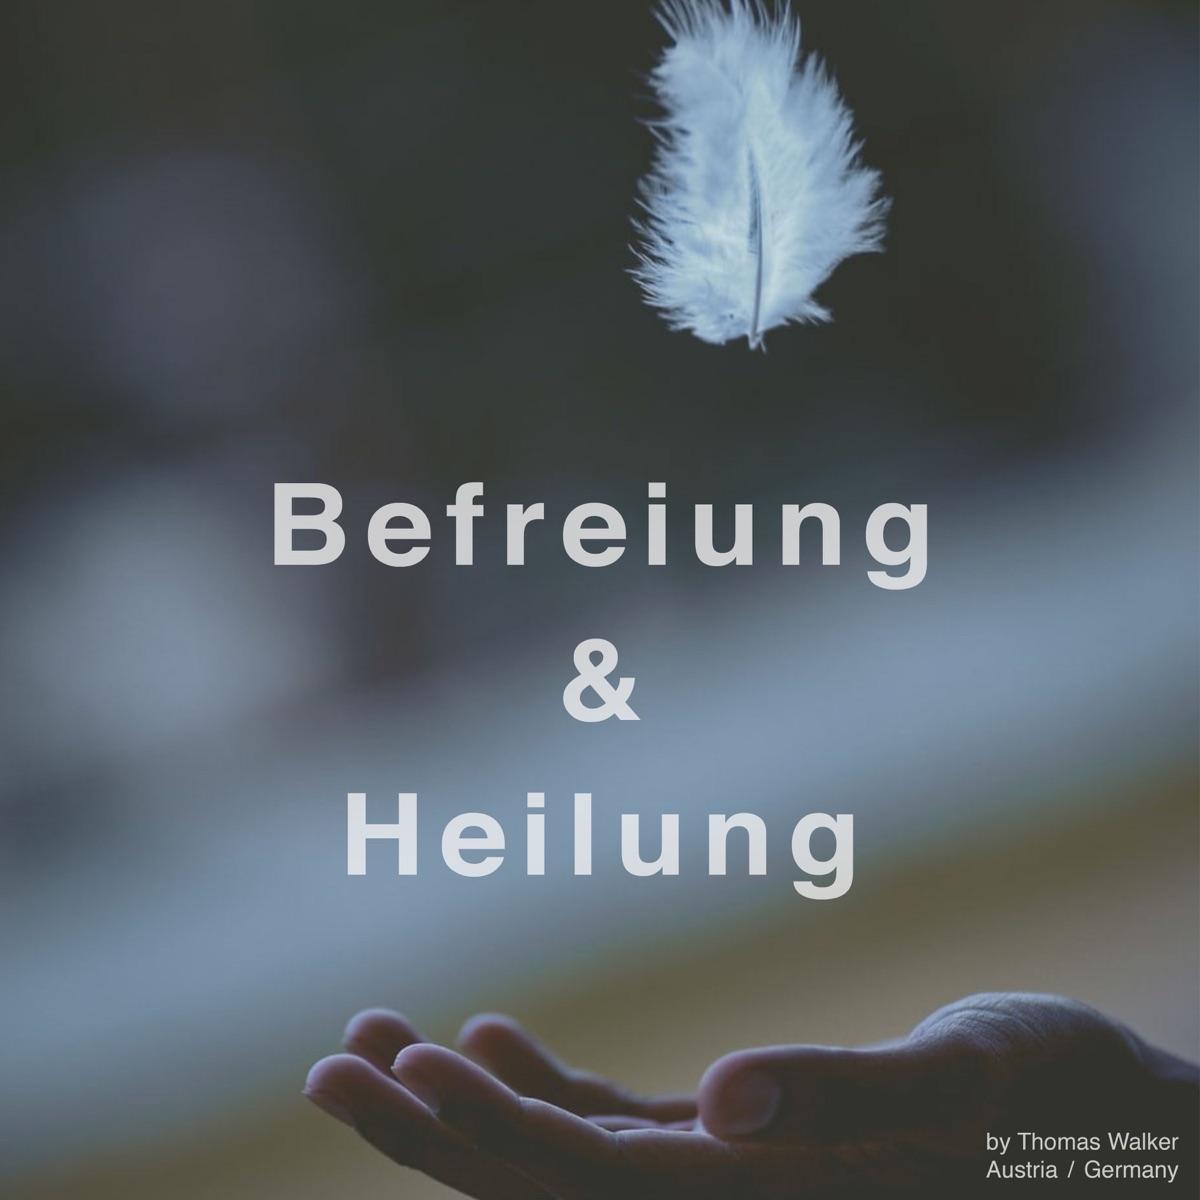 Befreiung und Heilung - geleitete Selbsthypnosen und Meditationen